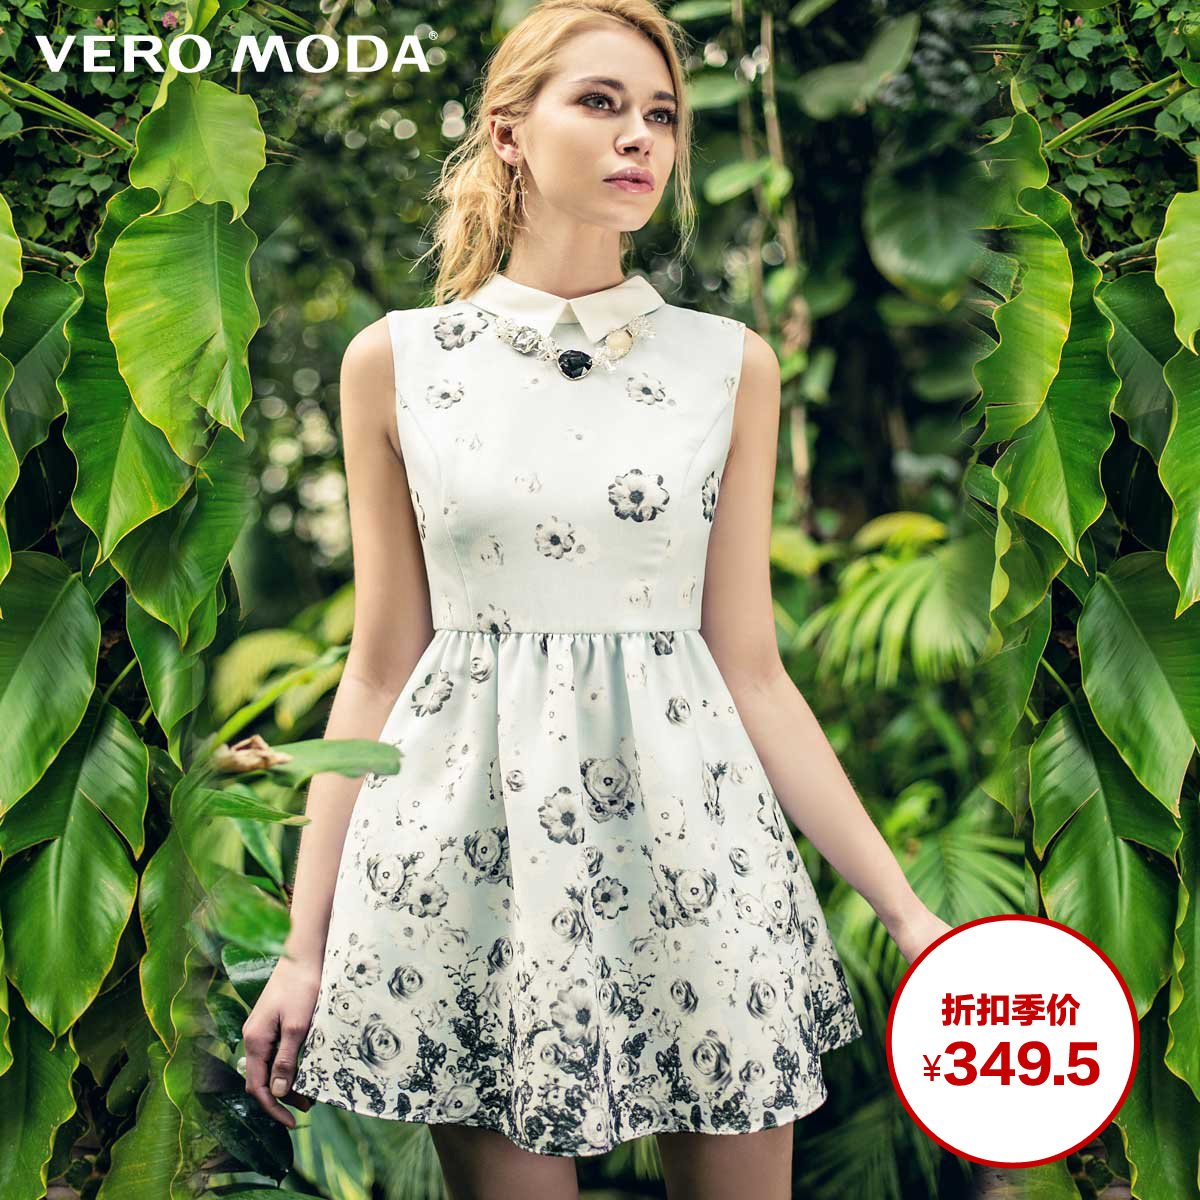 Женское платье VERO MODA 31527a040 349.5 !VeroModa женское платье vero moda 31527a092